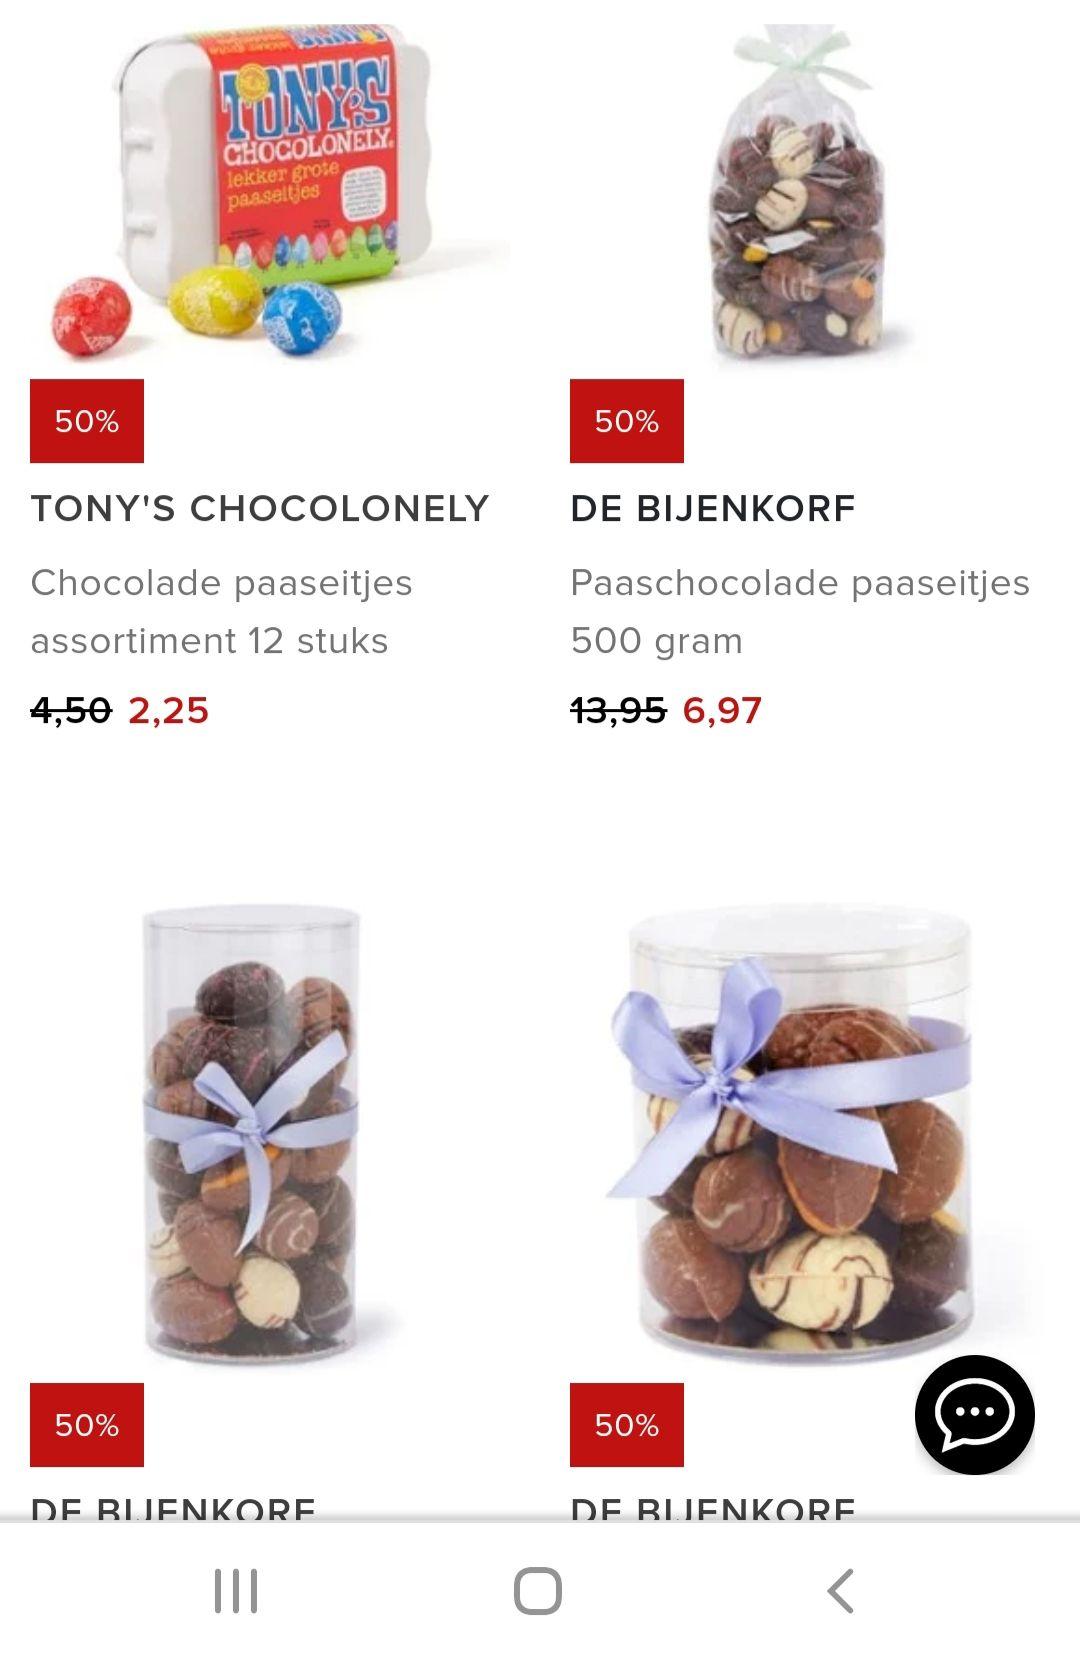 NU -70% Bijenkorf paas-chocola. Onder meer Tony's Chocolony en Lindt.